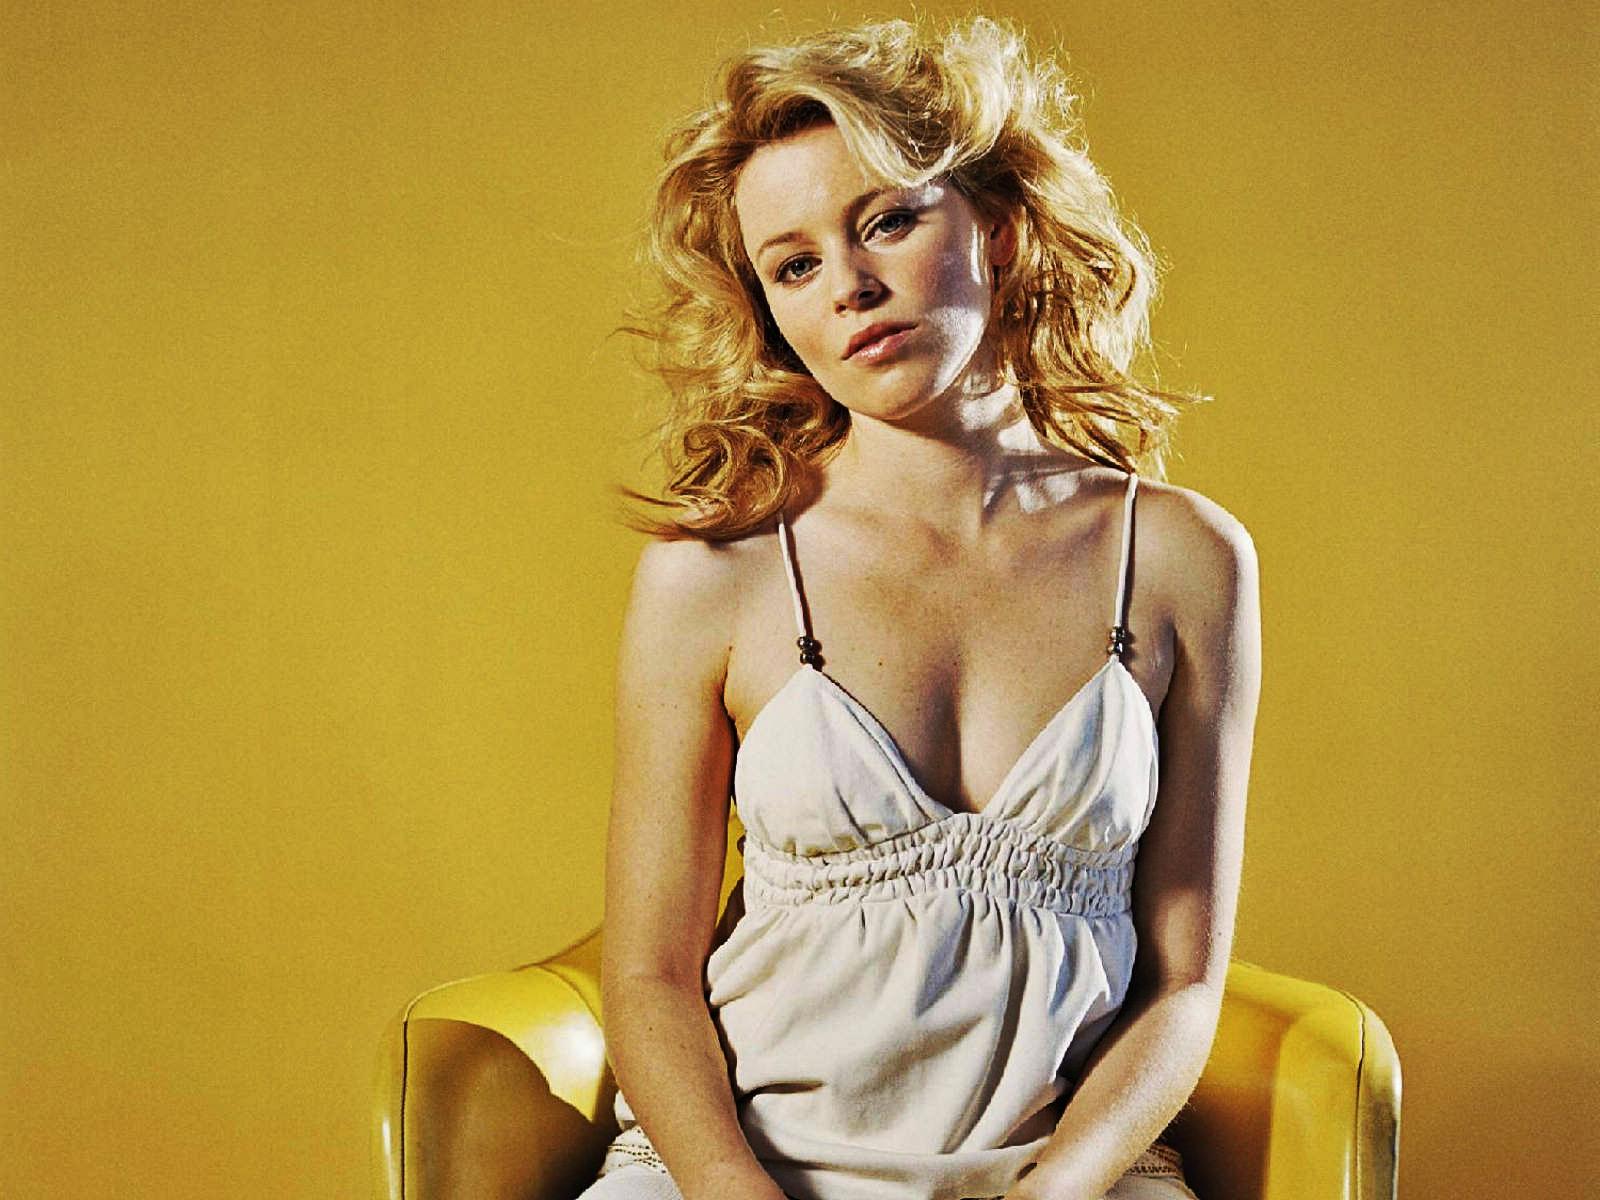 Elizabeth Banks Hot